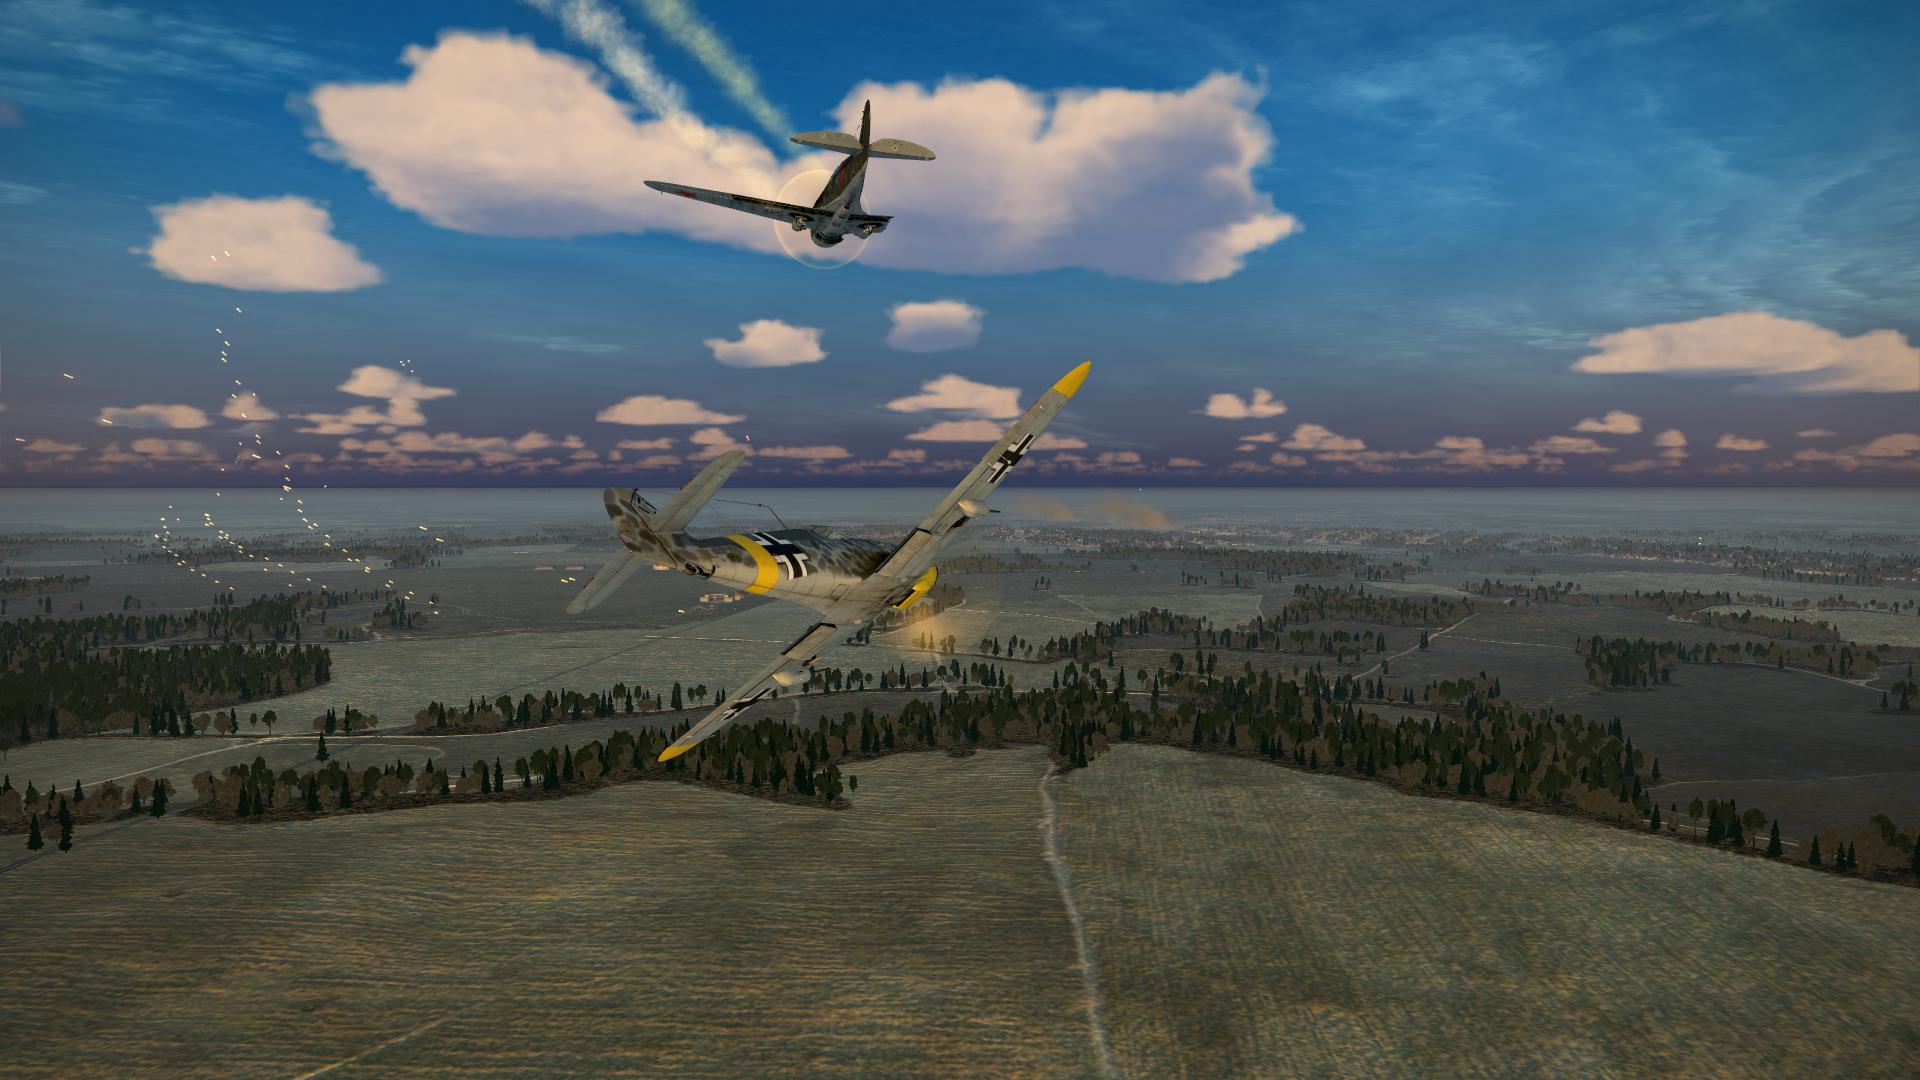 IL-2 Sturmovik Battle of Stalingrad Screenshot 2020.03.25 - 12.43.00.42.png